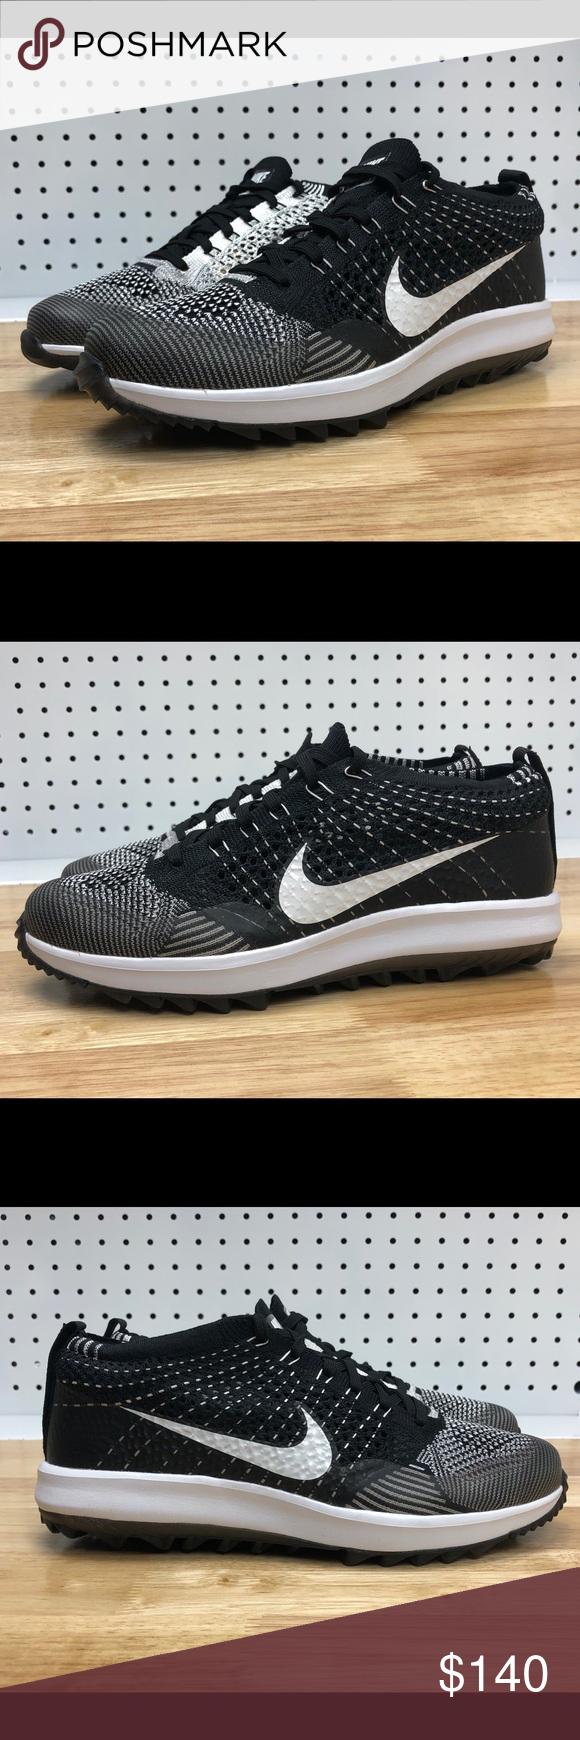 d4853253d4d68 Nike Flyknit Racer G Golf Shoes Oreo White Zoom Nike Flyknit Racer G Golf  Shoes Oreo